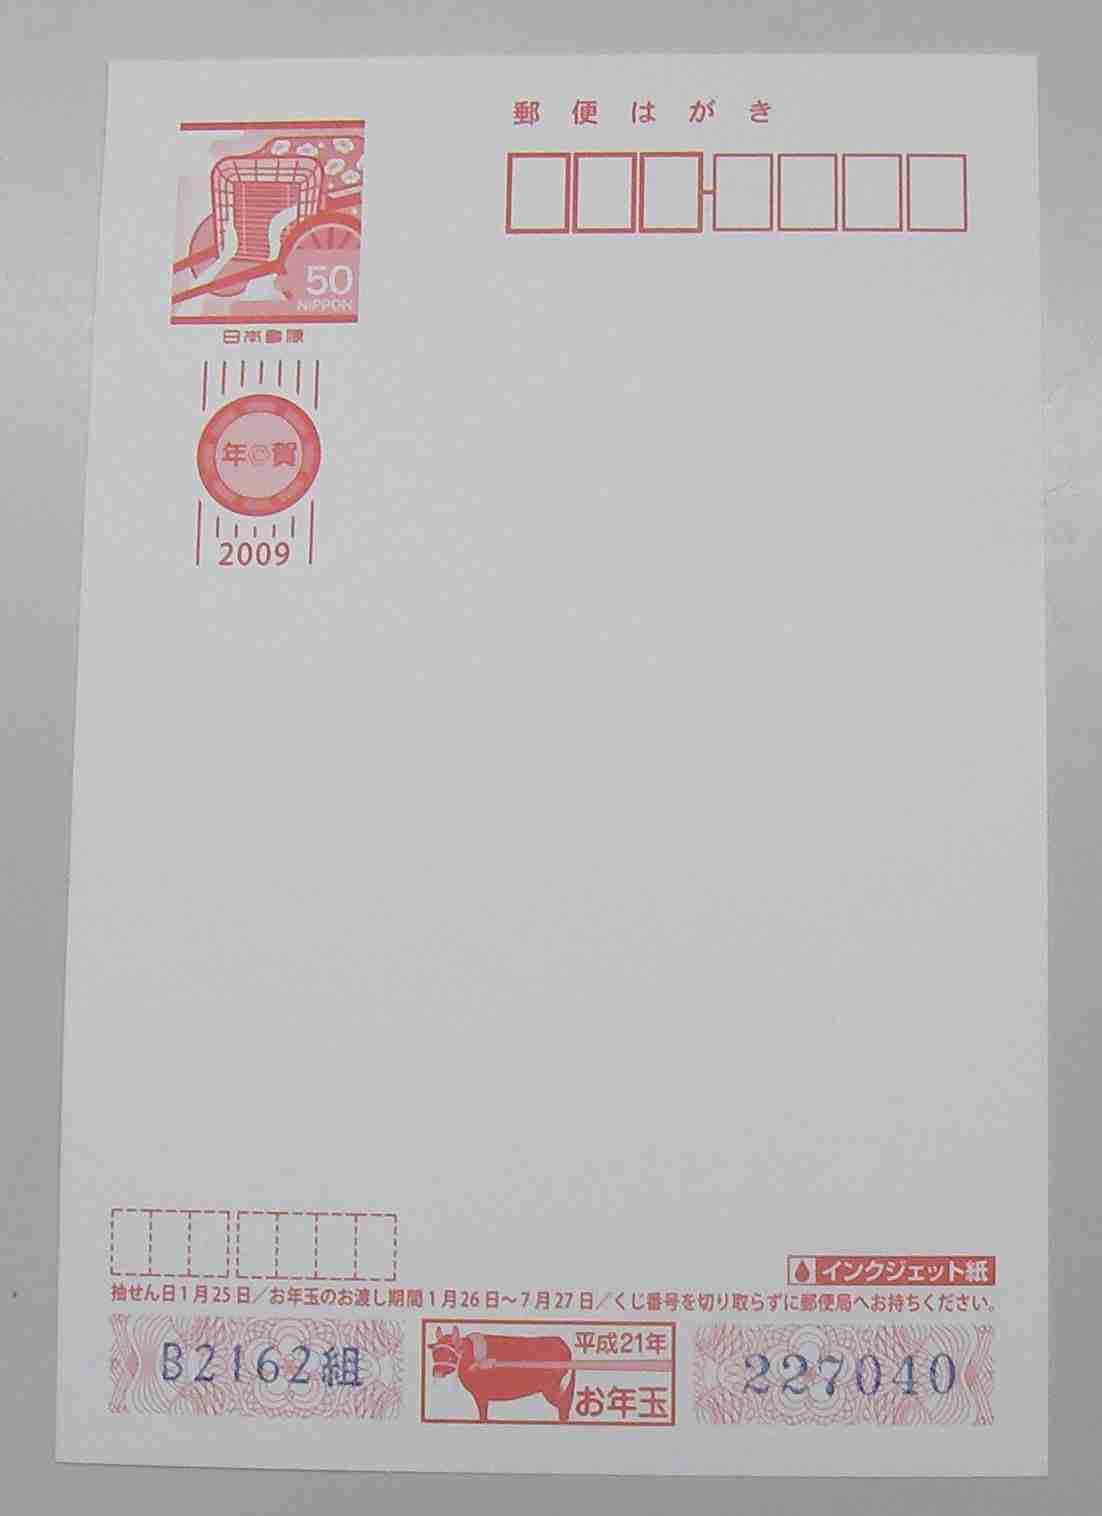 「年賀状販売で過酷ノルマ」…自殺した郵便局員の遺族、日本郵便提訴